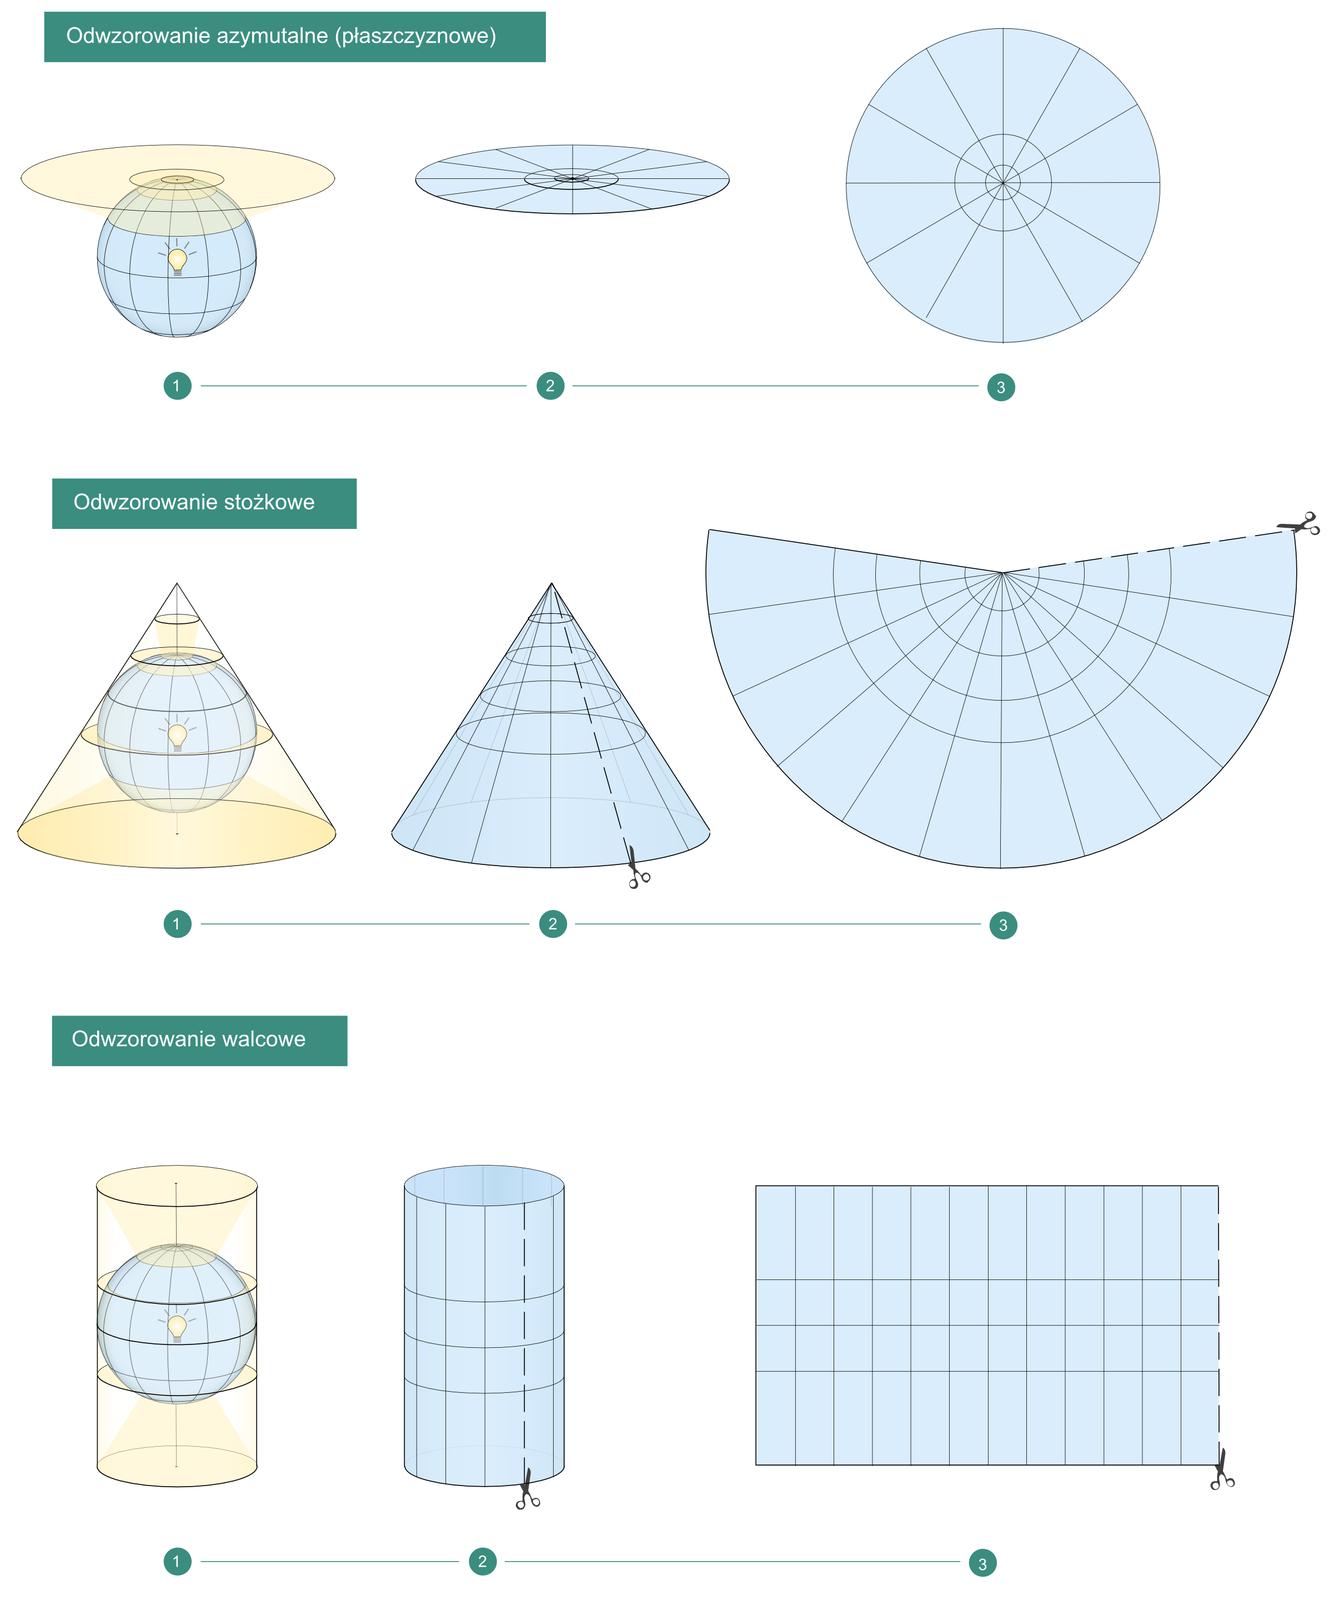 Ilustracja przedstawia trzy sposoby transformacji powierzchni kuli na powierzchnie płaską. Pierwszy znich przedstawia kulę, na której wyrysowana jest siatka południków irównoleżników, kula jest przezroczysta. Wewnątrz kuli znajduje się świecąca żarówka. Do bieguna północnego na górze kuli przylega okrągła płaska powierzchnia. Światło żarówki powoduje, że cień linii południków irównoleżników rzucany jest na tę płaską powierzchnię. Obok przedstawiona jest okrągła płaska powierzchnia zwyrysowanymi, rozchodzącymi się gwiaździście południkami irozchodzącymi się koncentrycznie, jak koła na wodzie po wrzuceniu kamienia – równoleżnikami. Rysunek przedstawia na czym polega odwzorowanie płaszczyznowe. Drugi przykład przedstawia przezroczystą kulę zpołudnikami irównoleżnikami oraz żarówką wewnątrz. Kula znajduje się wewnątrz stożka. Światło żarówki rzuca cienie linii południków irównoleżników na powierzchnię boczną stożka. Obok znajduje się ten sam stożek zwyrysowanymi już południkami irównoleżnikami. Na prawo od stożka przedstawiona jest rozwinięta na płasko powierzchnia boczna stożka zwyrysowaną siatką południków irównoleżników. Rysunek przedstawia na czym polega odwzorowanie stożkowe. Trzeci przykład przedstawia przezroczystą kulę zpołudnikami irównoleżnikami oraz żarówką wewnątrz. Kula znajduje się wewnątrz walca. Światło żarówki rzuca cienie linii południków irównoleżników na powierzchnię boczną walca. Obok znajduje się ten sam walec zwyrysowanymi już południkami irównoleżnikami. Na prawo od walca przedstawiona jest rozwinięta na płasko powierzchnia boczna walca zwyrysowaną siatką południków irównoleżników. Rysunek przedstawia na czym polega odwzorowanie walcowe.